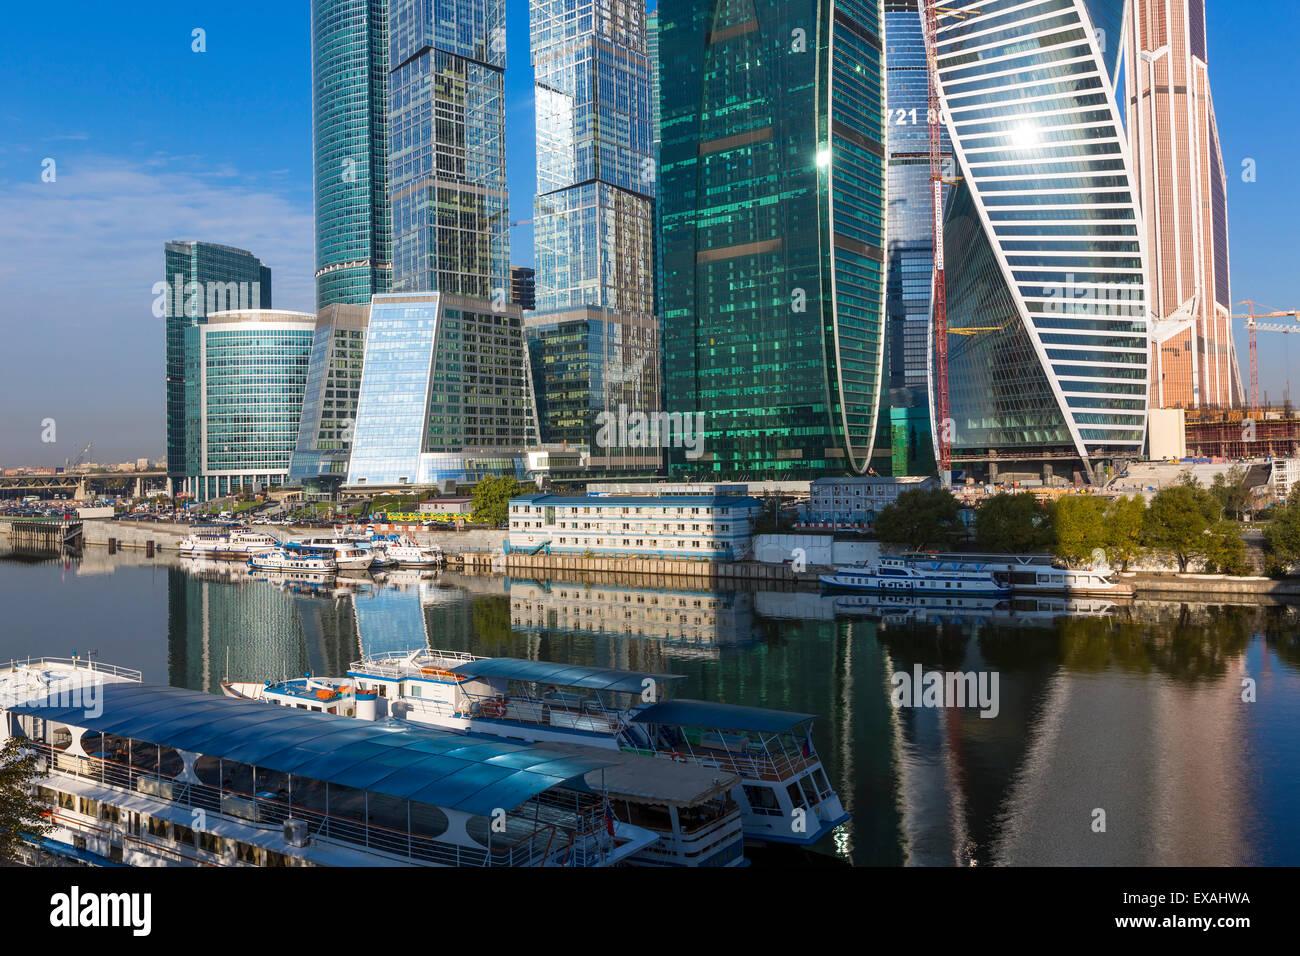 Wolkenkratzer der modernen Stadt Moskau International Business und Finanzen Entwicklung, Moskau, Russland, Europa Stockbild